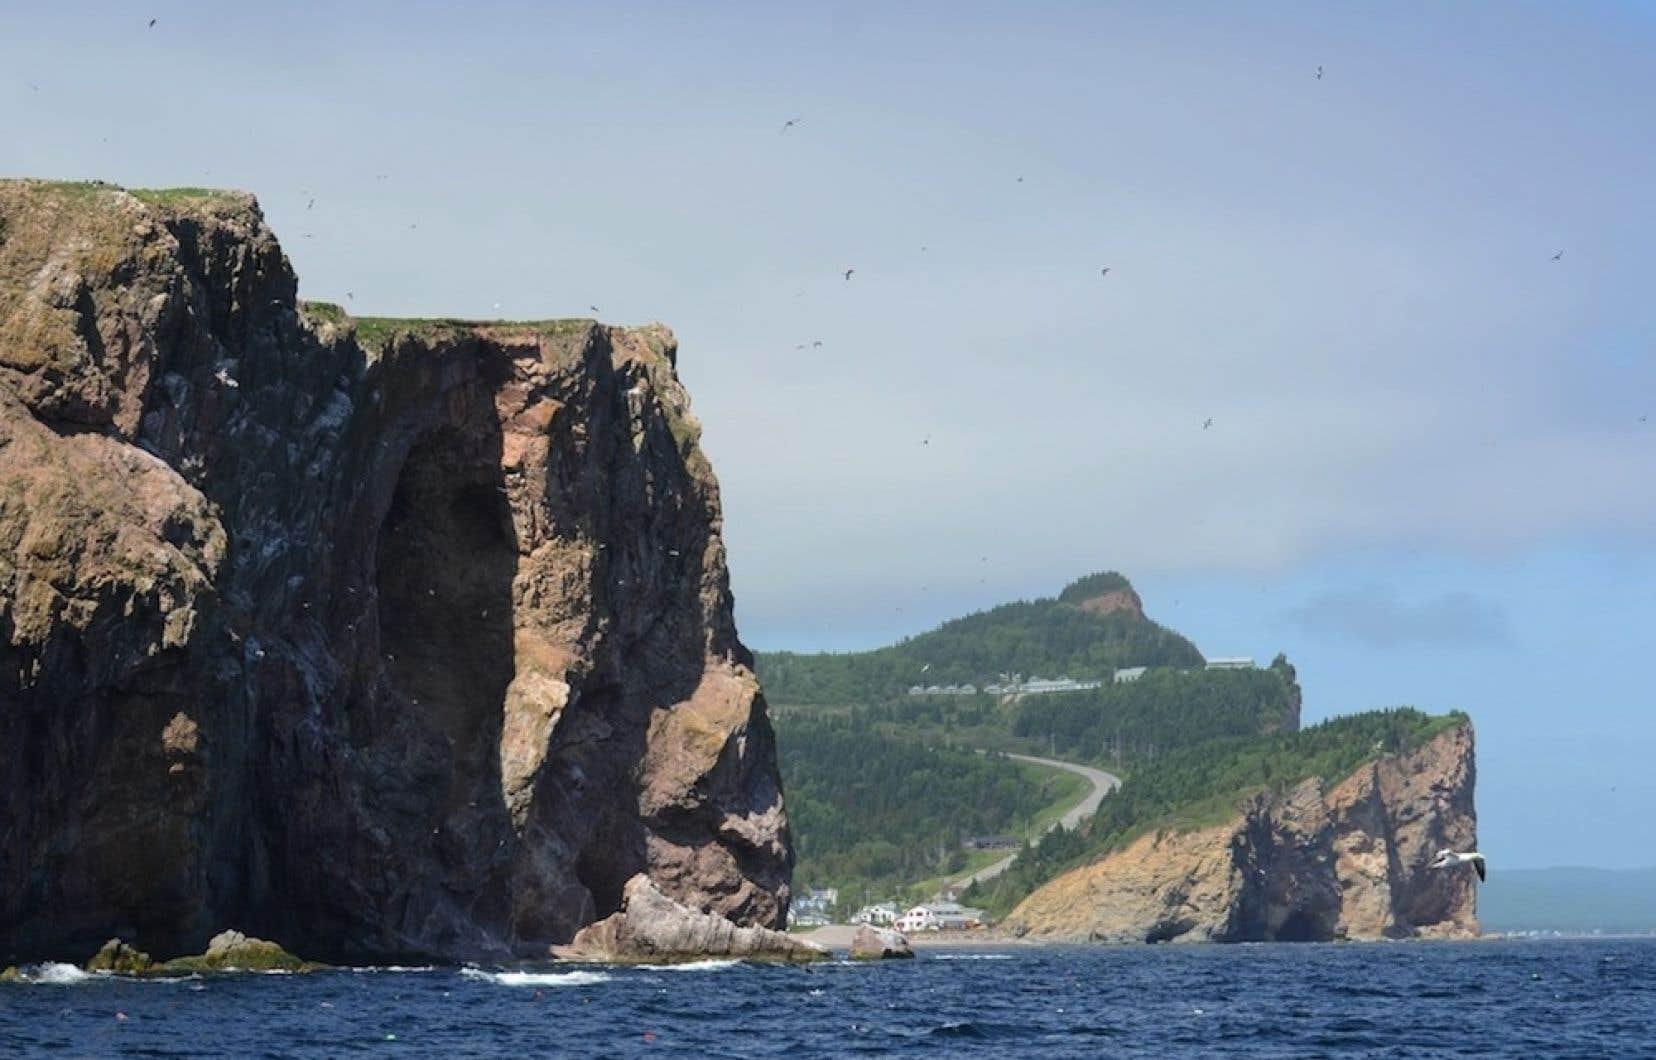 Les membres de la Conférence régionale des élus Gaspésie-Îles-de-la-Madeleine (CRÉGÎM) estiment que la situation en Gaspésie doit être étudiée « de manière sérieuse » et « indépendamment » des intérêts des pétrolières.